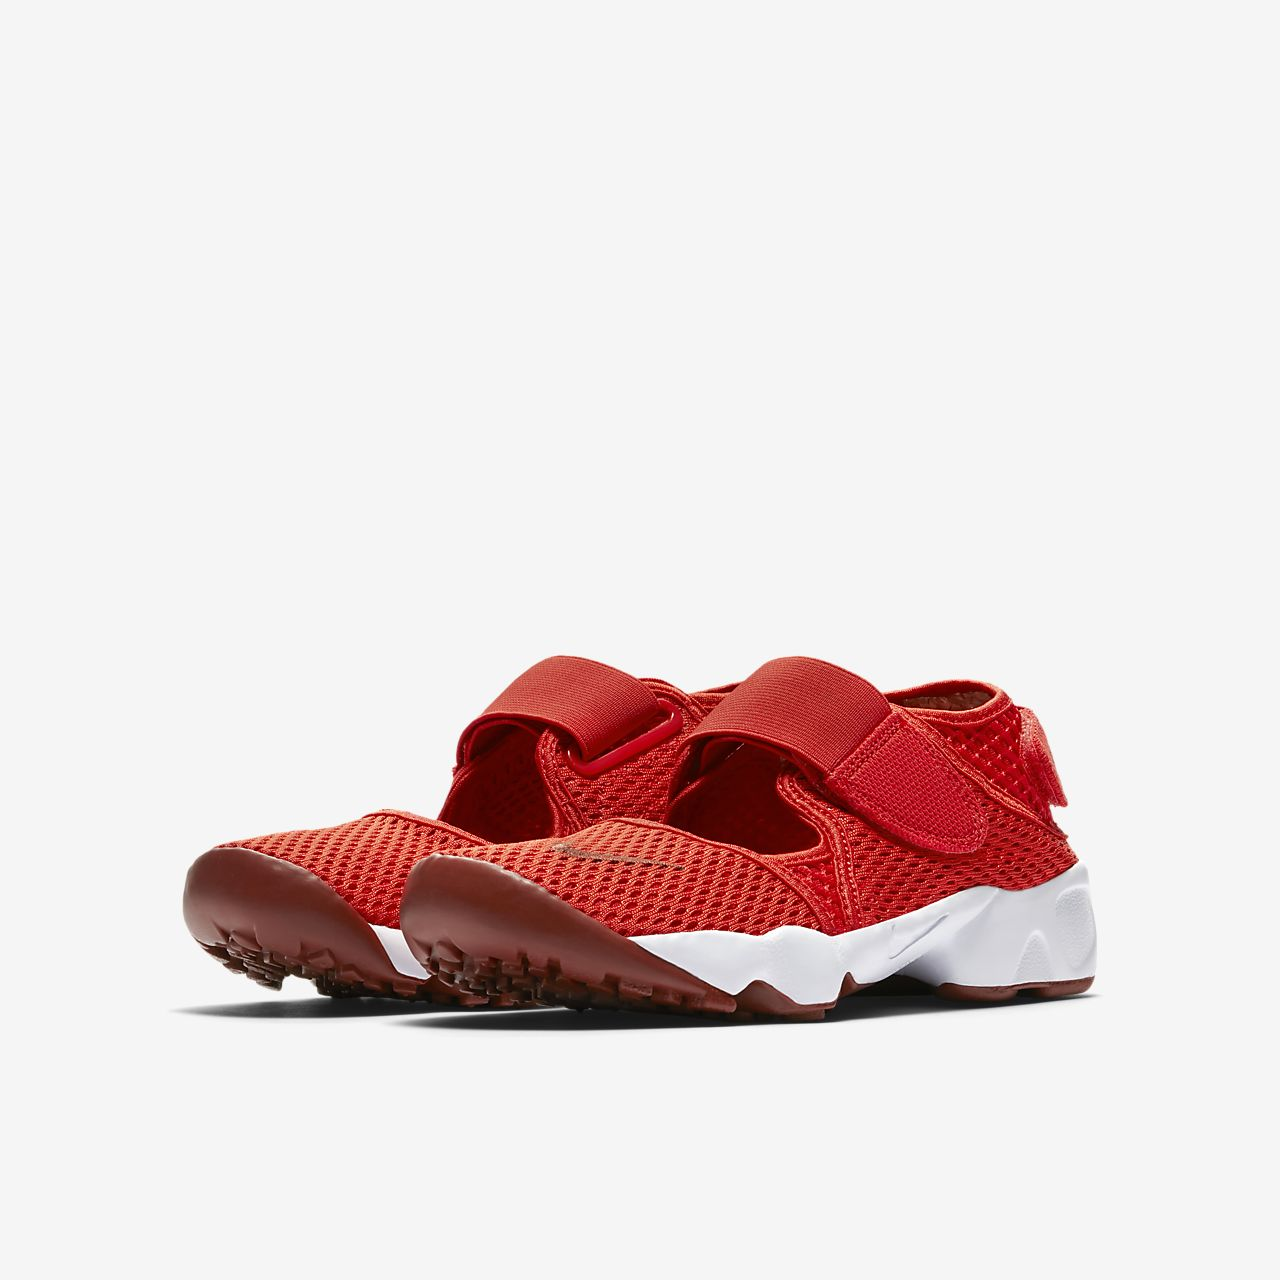 Sapatilhas Nike Air Rift pré escolares para criança (27,5 35)